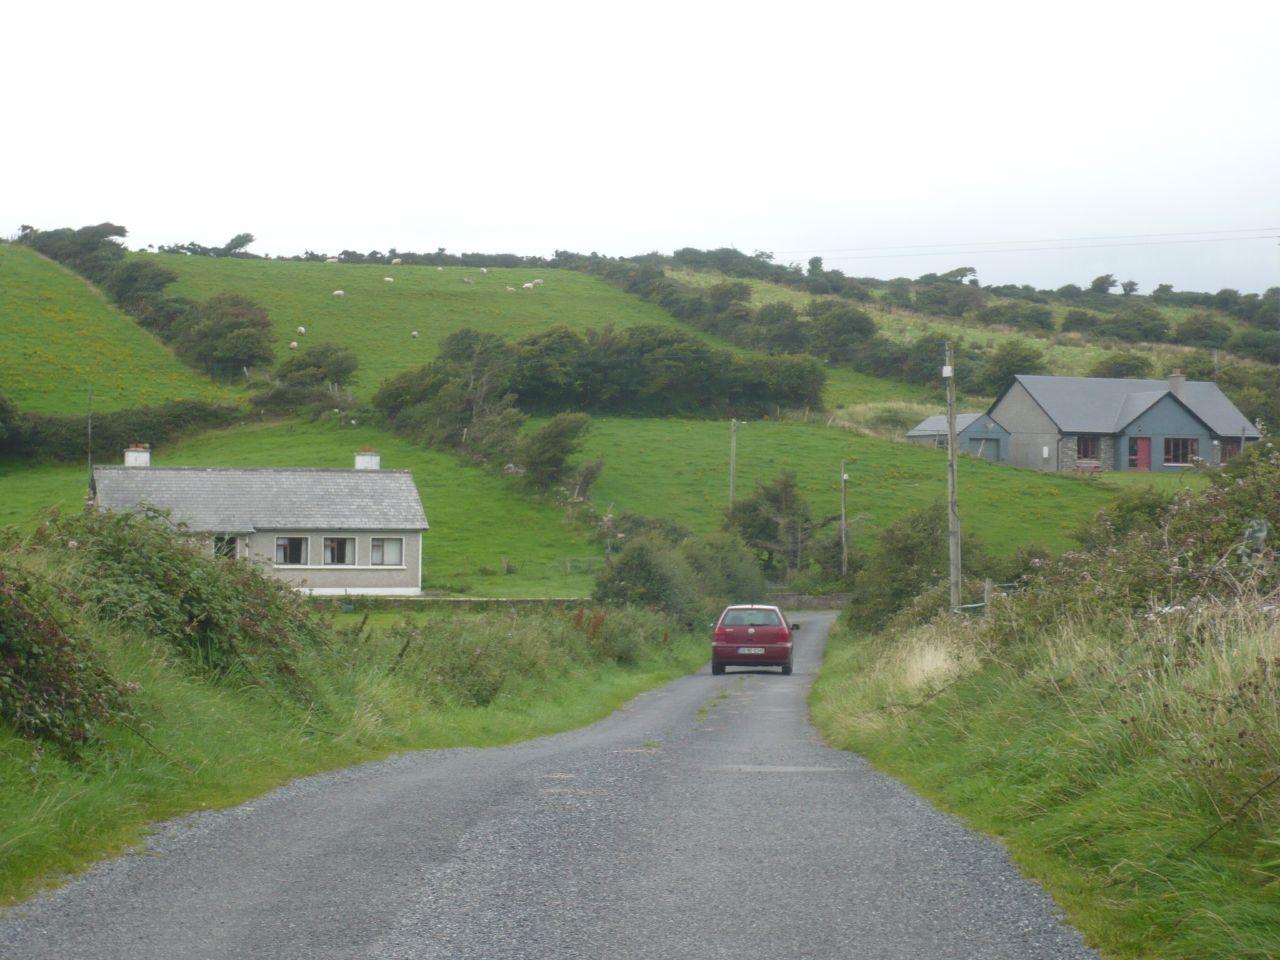 una carretera secundaria